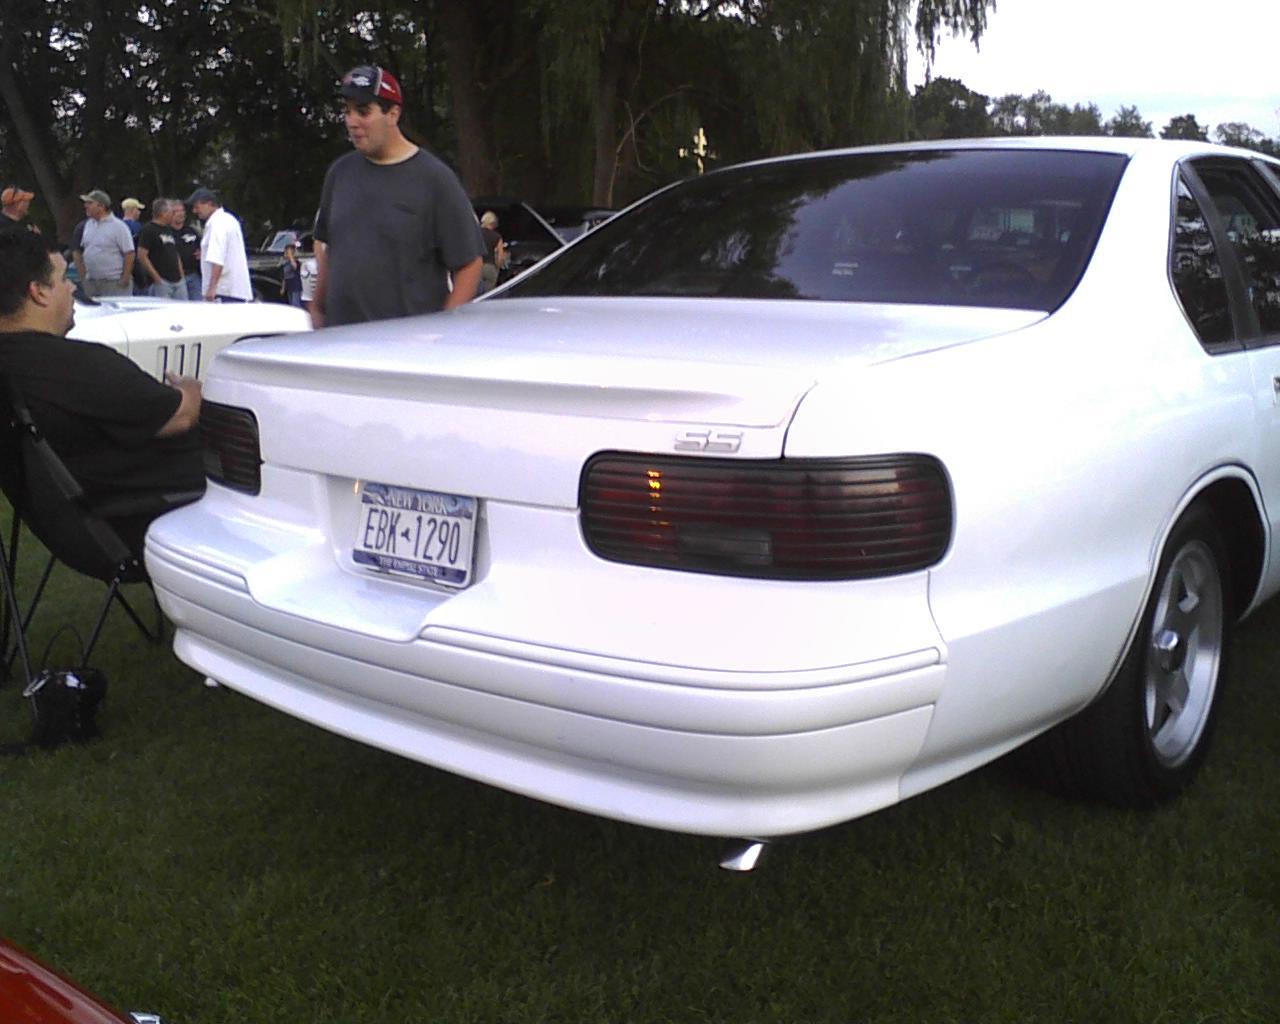 1996 impala ss page 3 chevy impala forums rh impalaforums com 96 impala ss service manual 1995 Impala SS